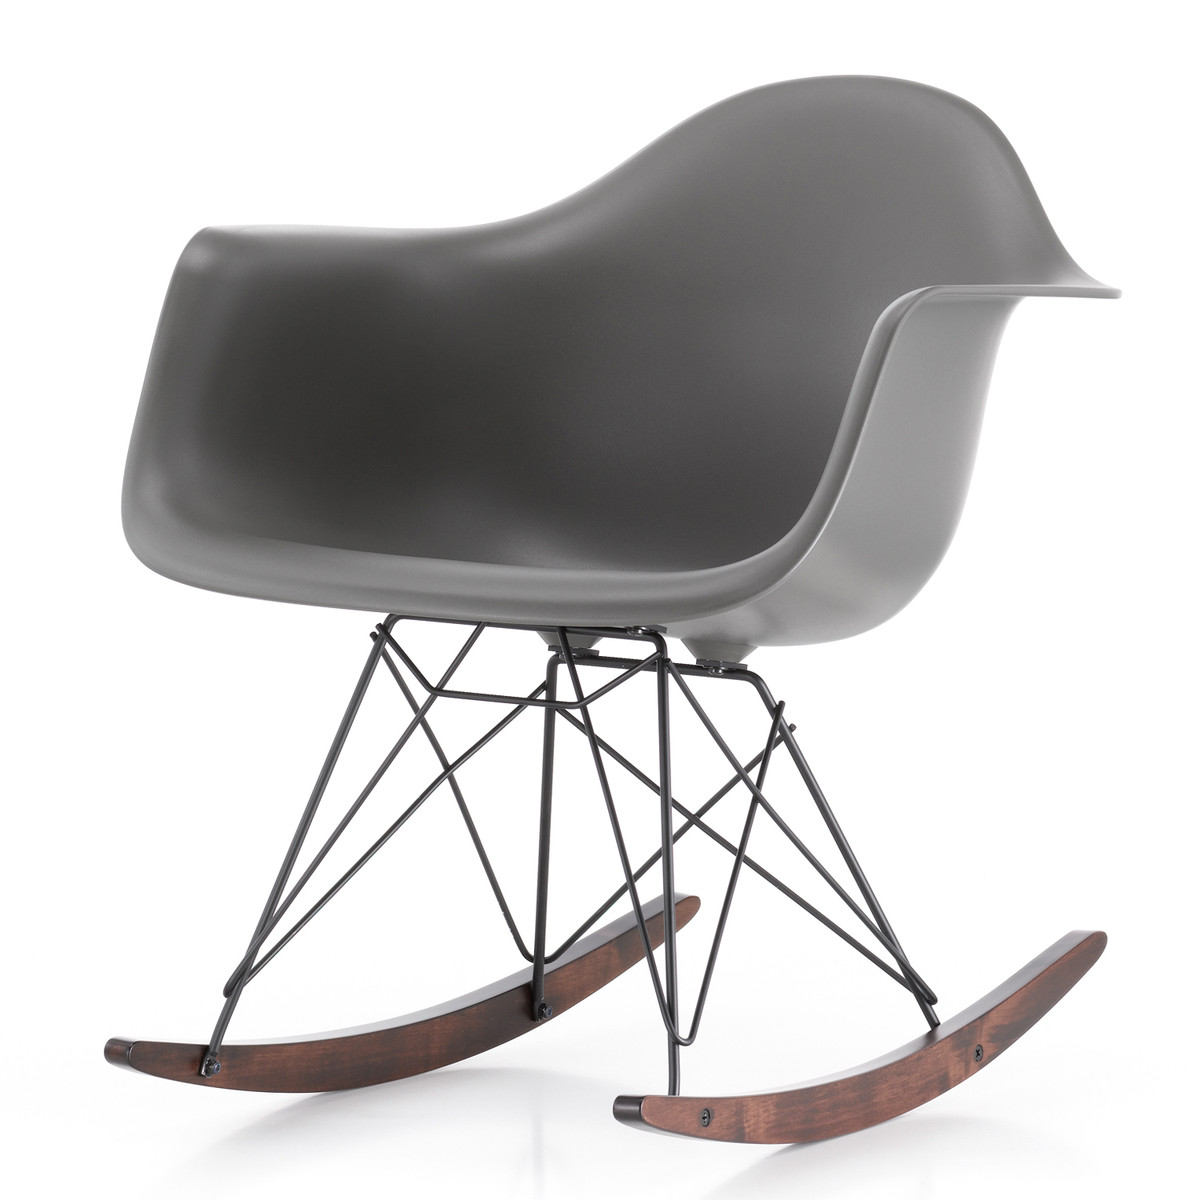 Fauteuil rar eames for Eames fauteuil rar